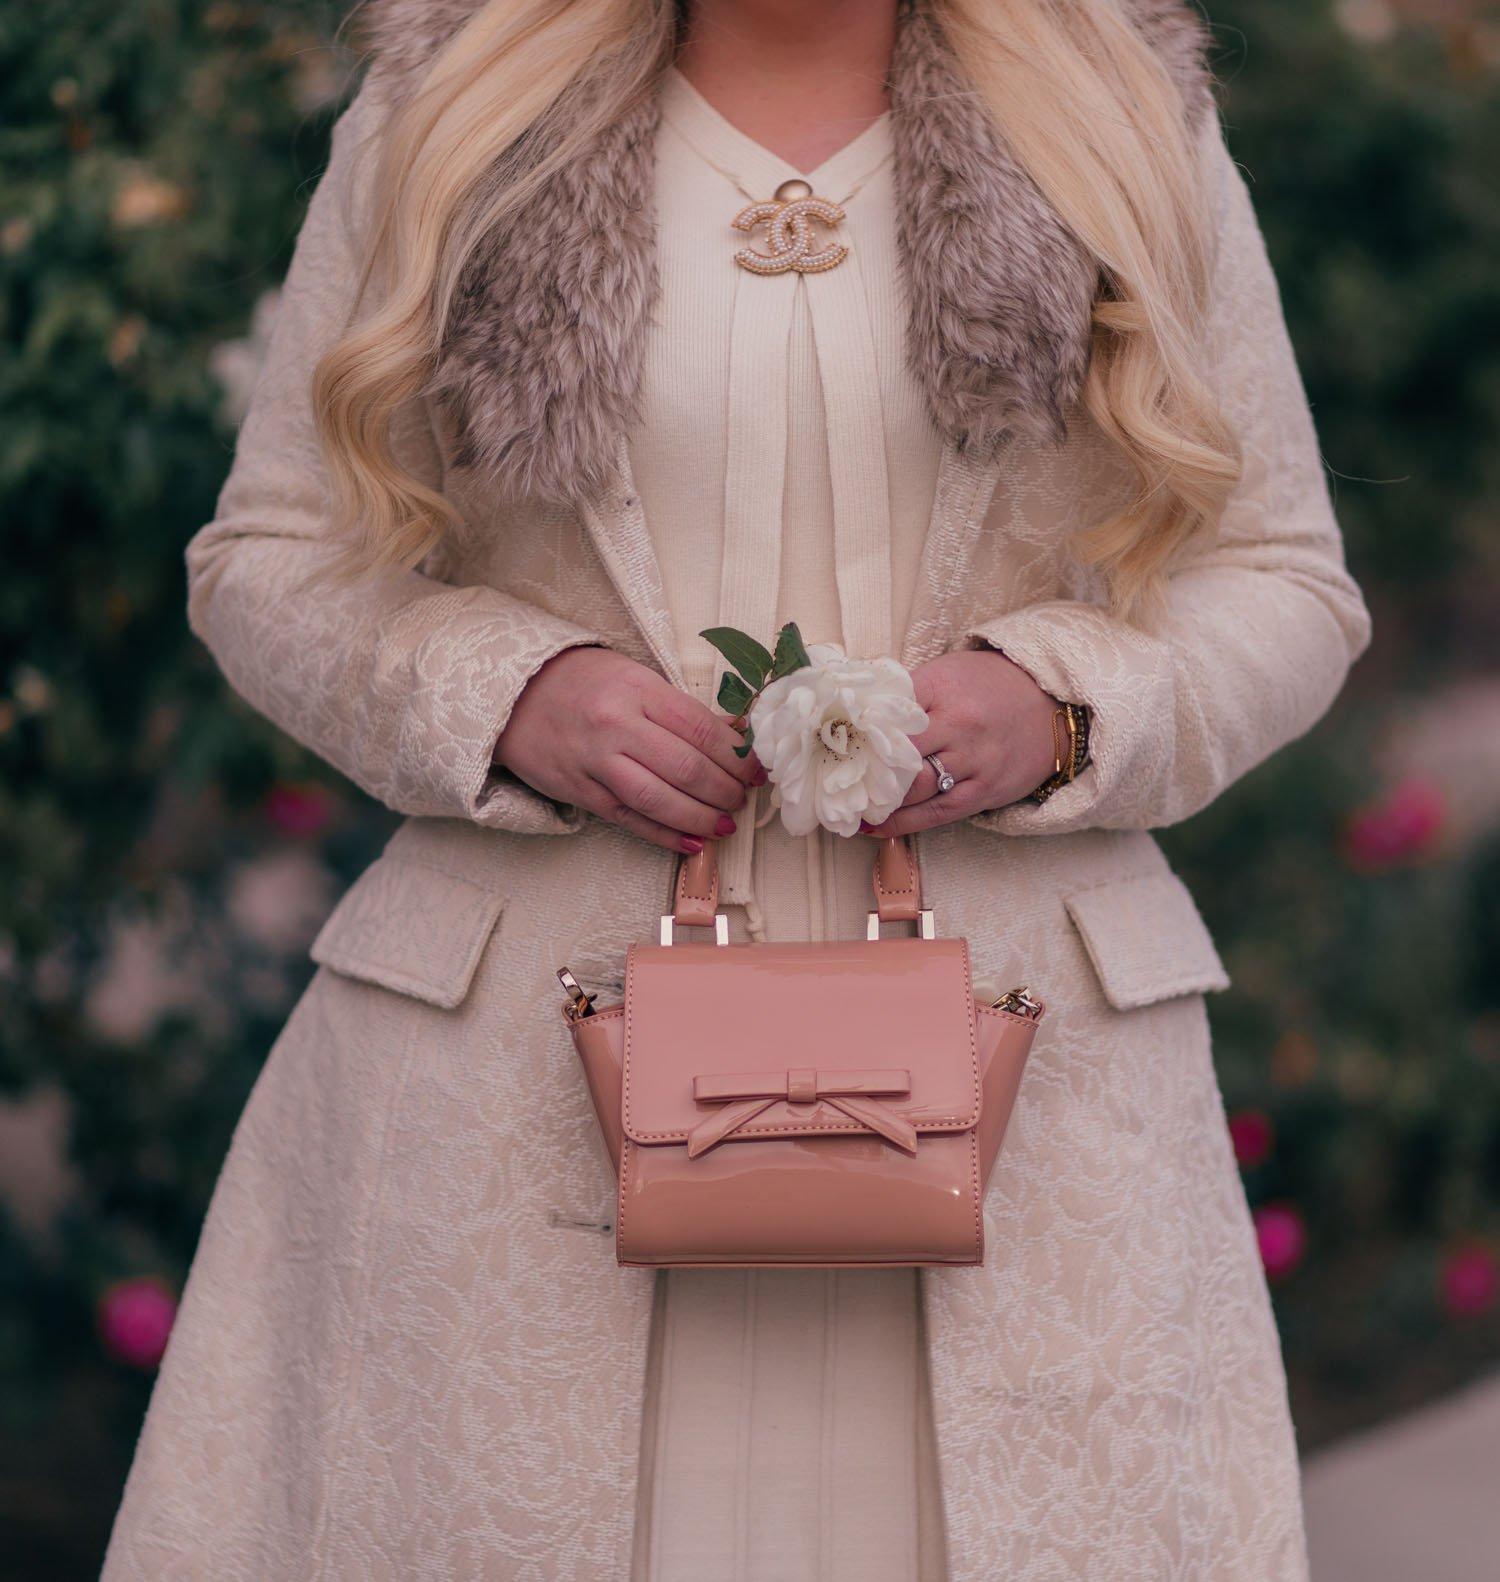 Elizabeth Hugen of Lizzie in Lace wears a nude bow handbag.